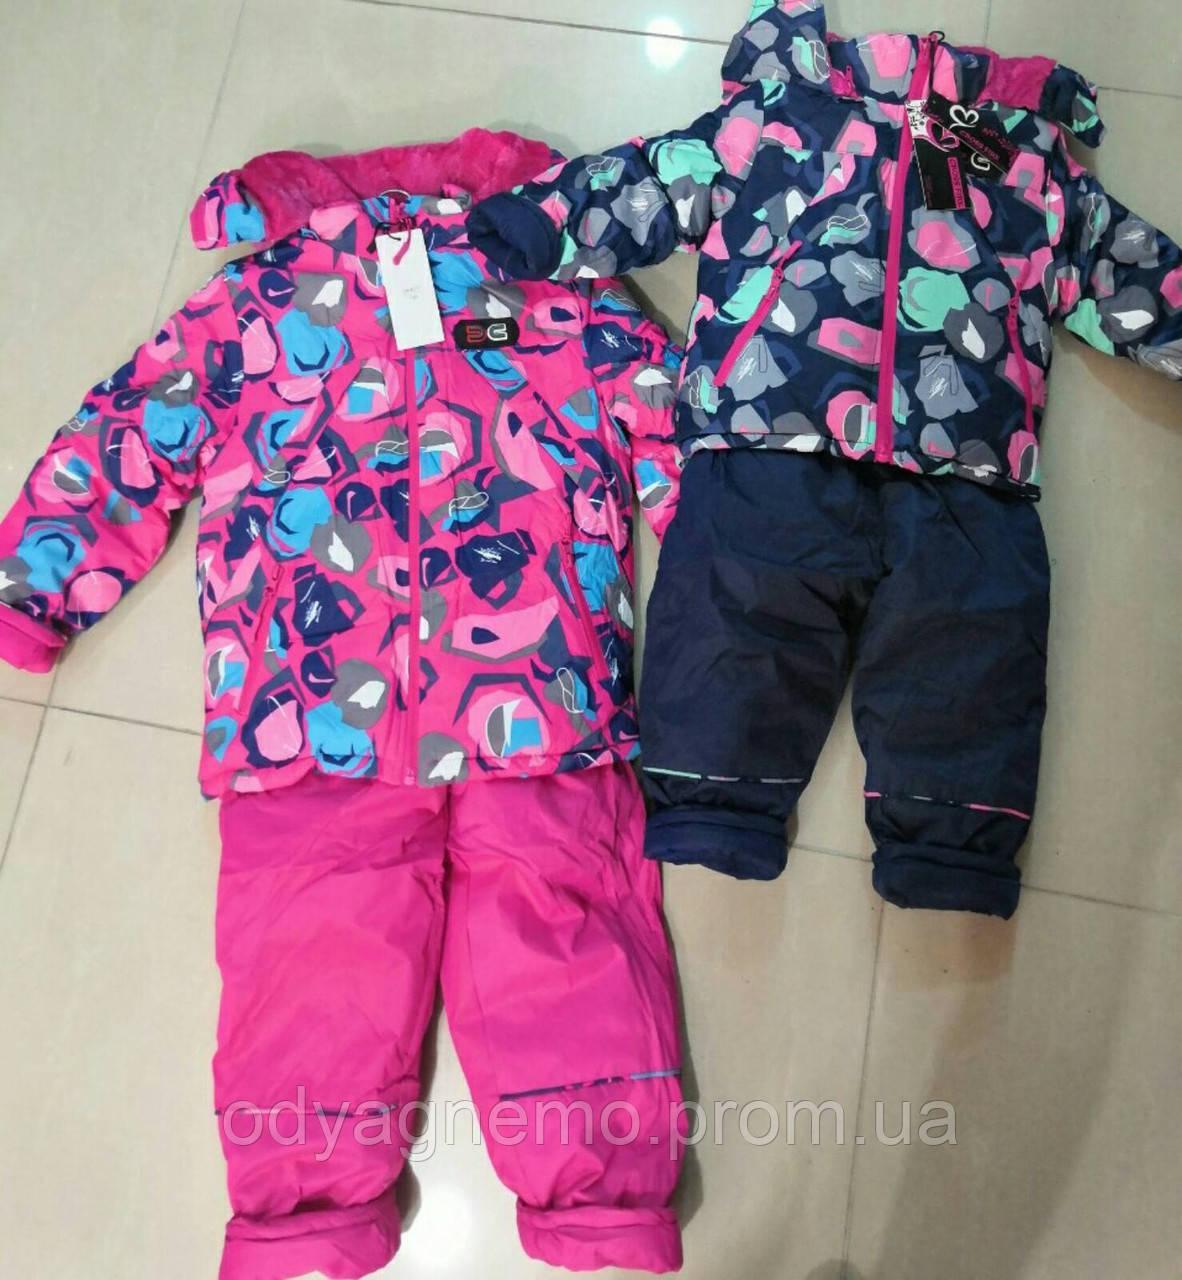 Куртка+напівкомбінезон утеплені для дівчаток Cross Fire оптом, 104-128 рр. Артикул: X14